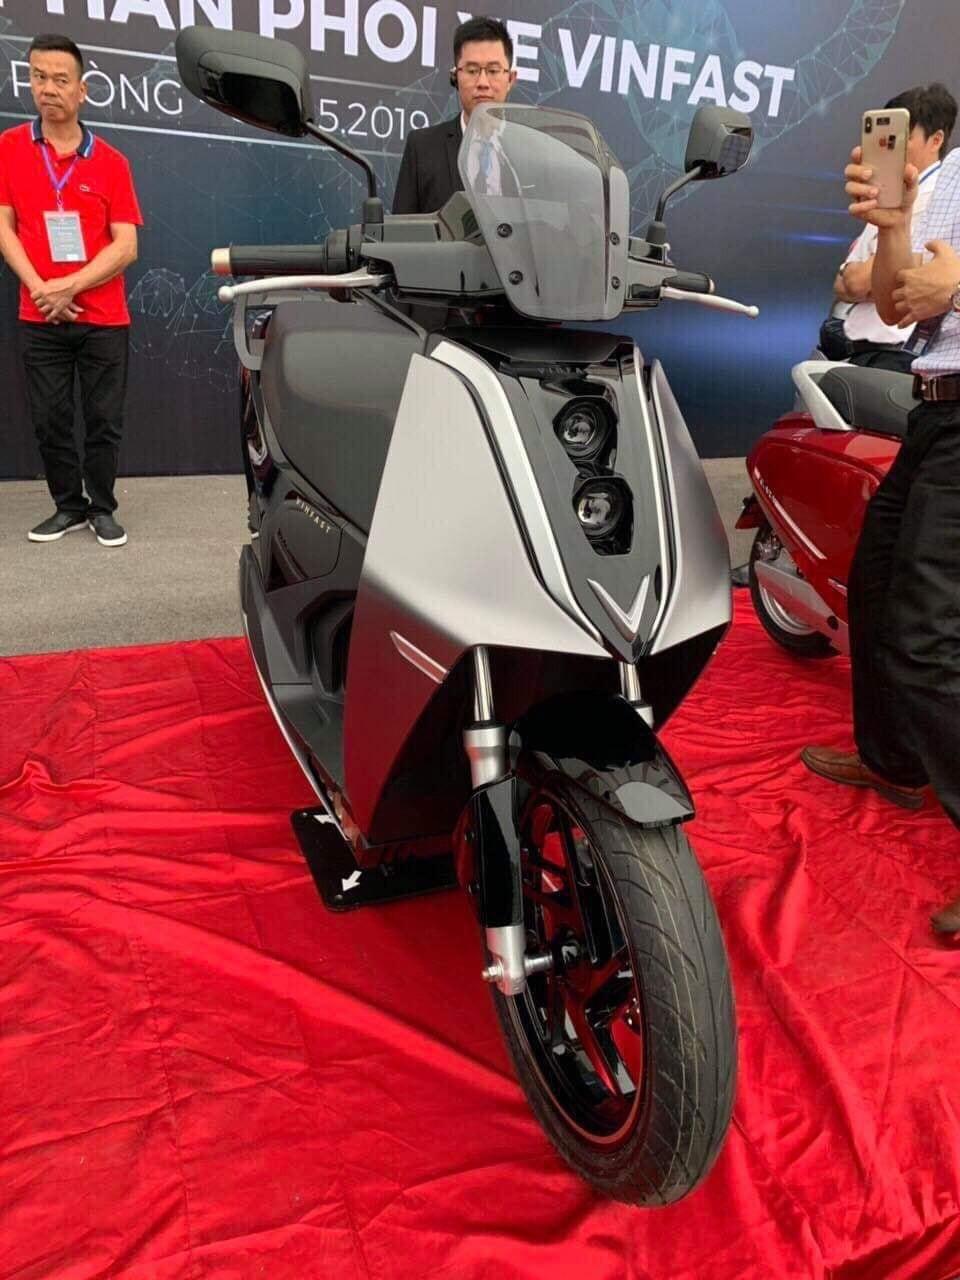 Xe máy điện VinFast lộ diện phiên bản mới: Nam tính hơn, nhanh và mạnh nhất trên thị trường Việt - Ảnh 2.